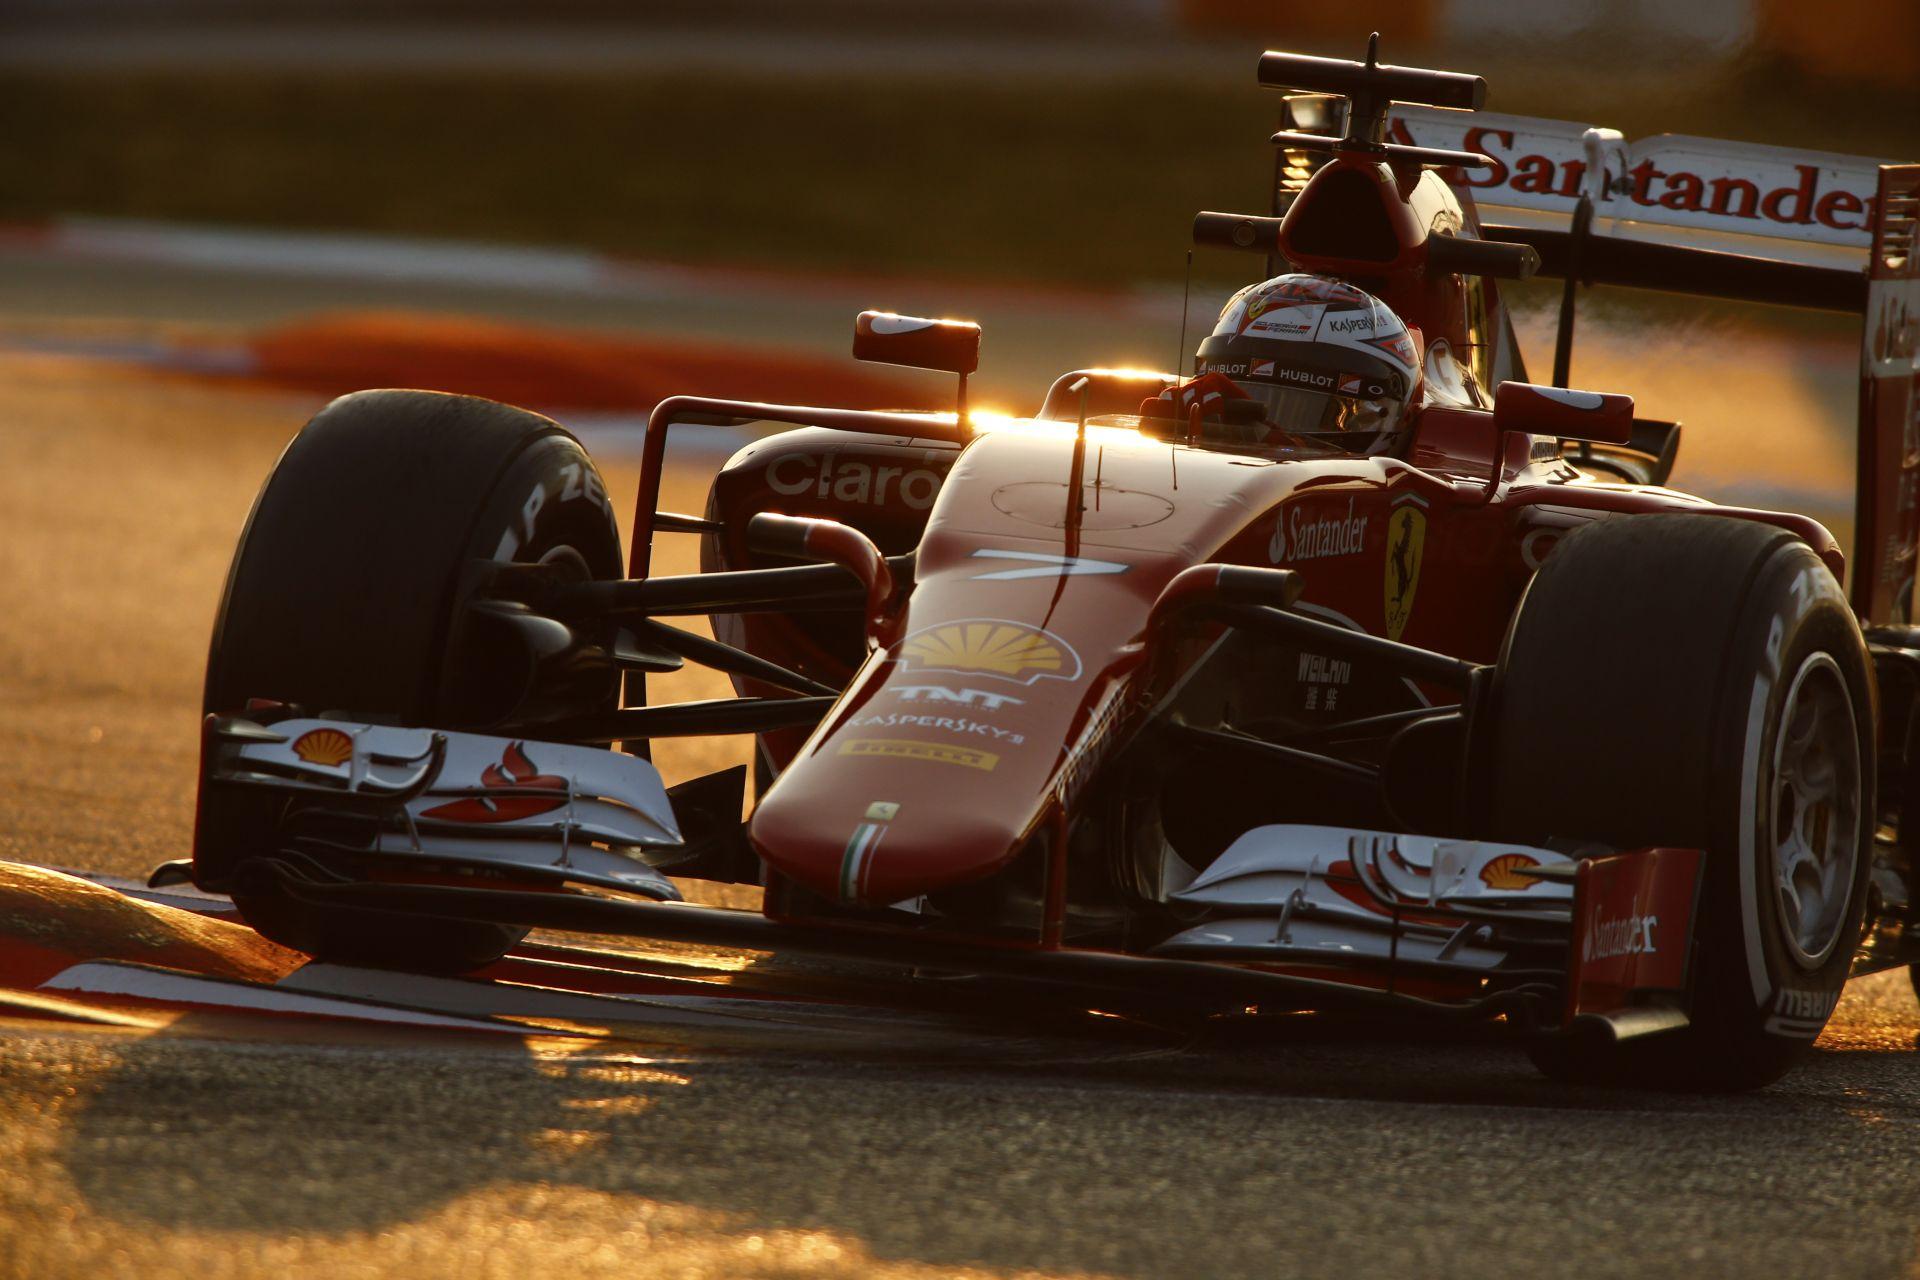 Folytatódik az F1-es teszt Barcelonában: Raikkönen, Alonso, Massa, Rosberg és Ricciardo is pályán